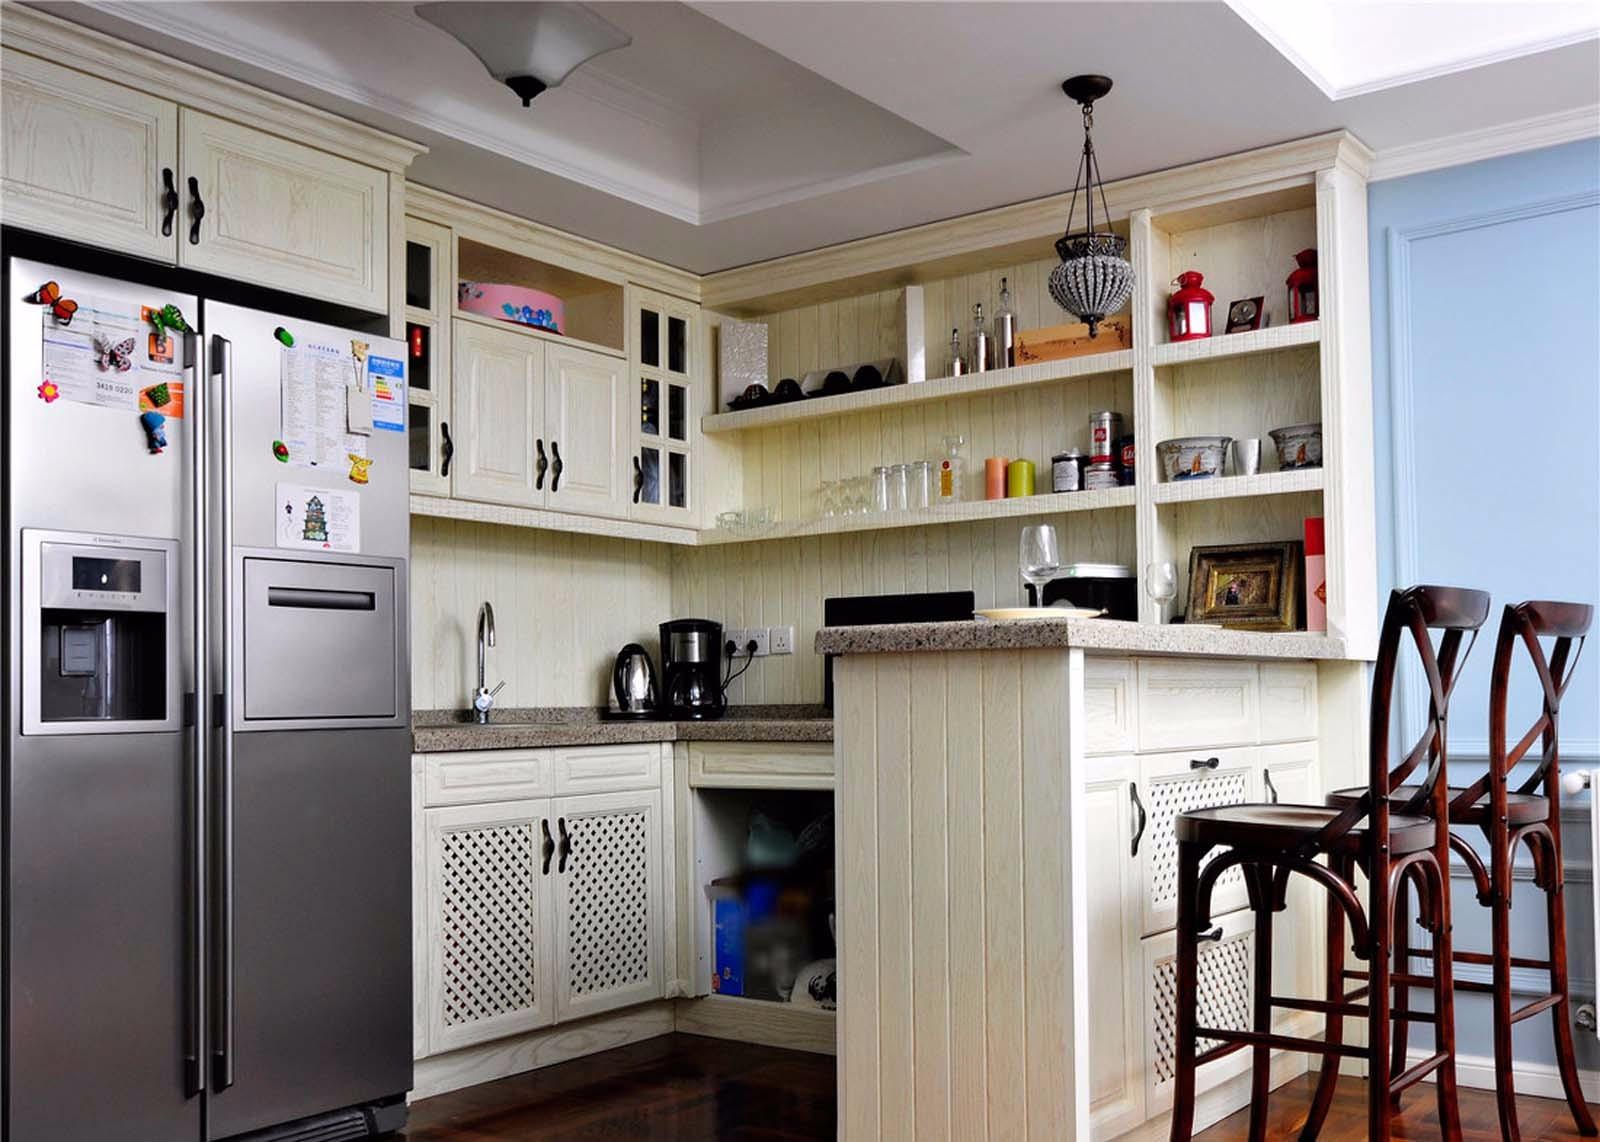 2020美式厨房装修图 2020美式吧台装修设计图片